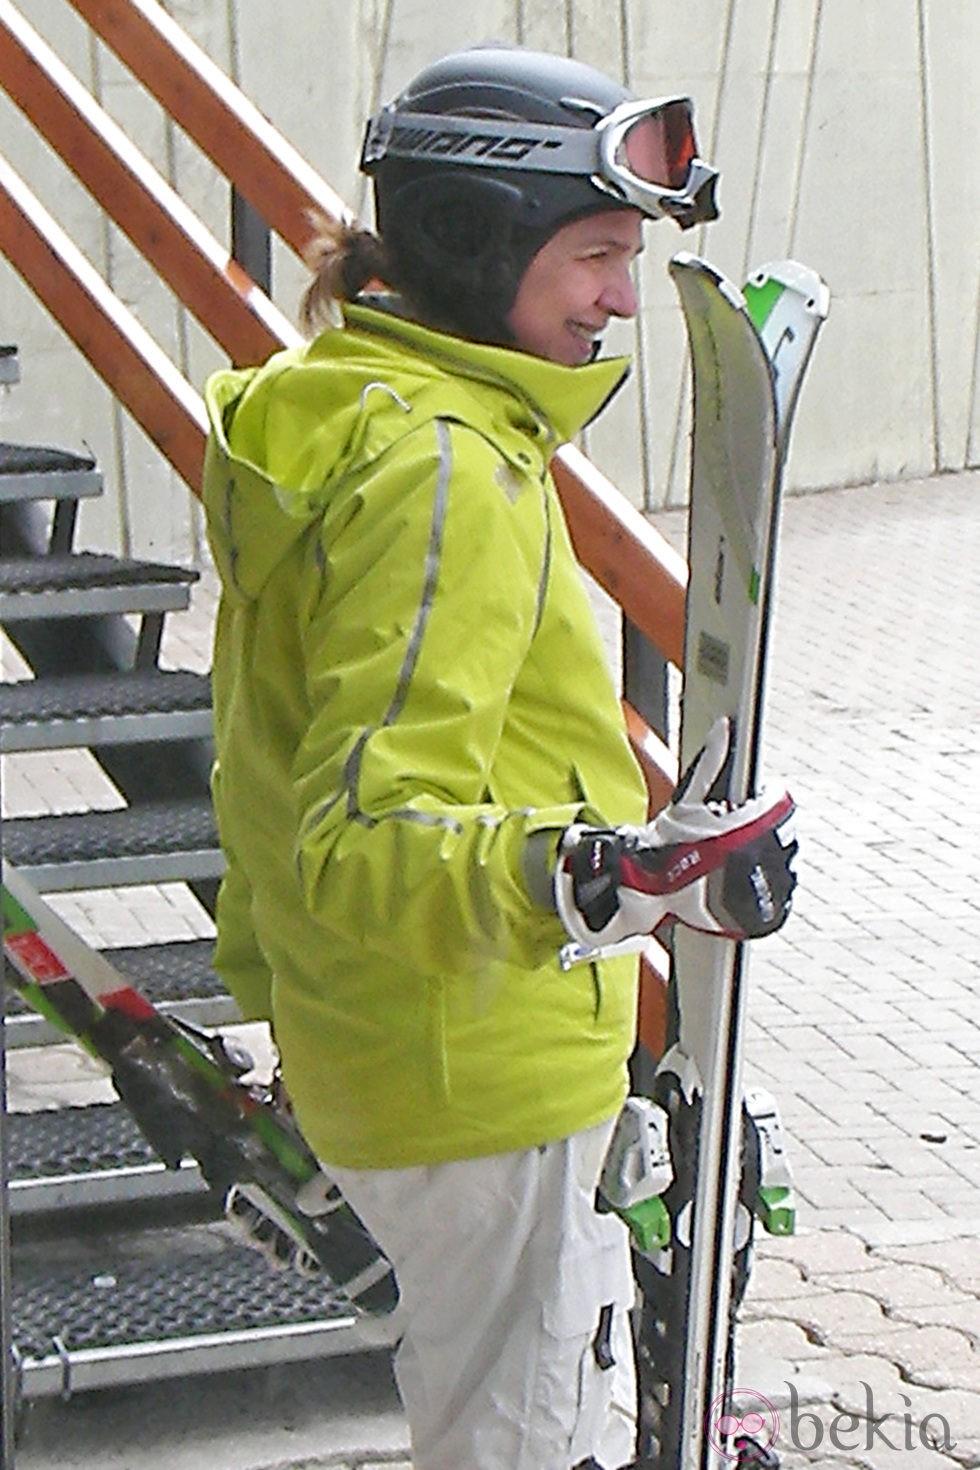 La Infanta Cristina esquiando en Baqueira Beret en Semana Santa 2013